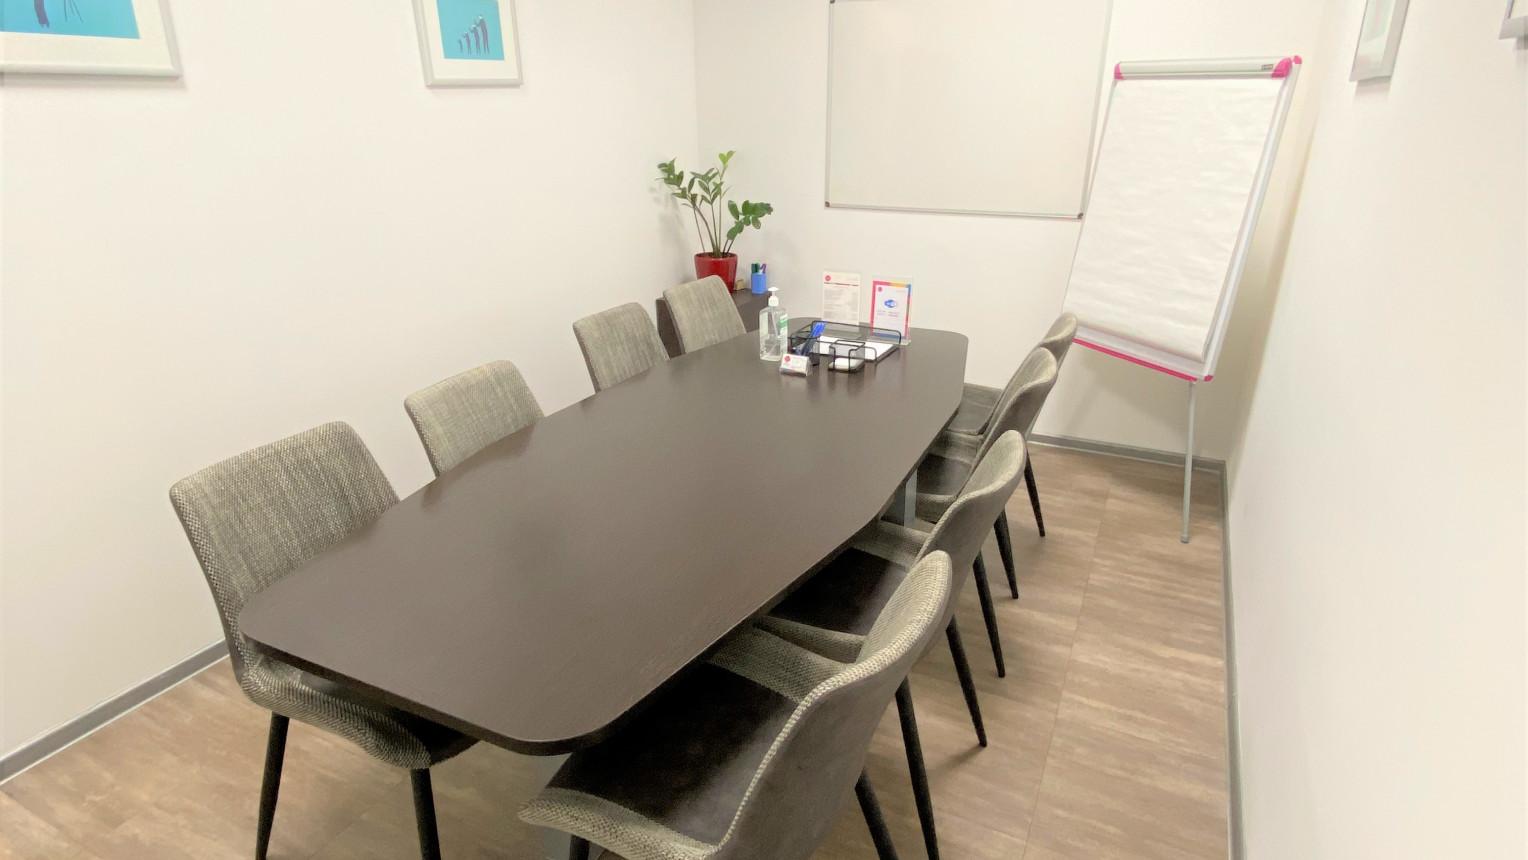 Переговорная комната на 8 человек - фото №1